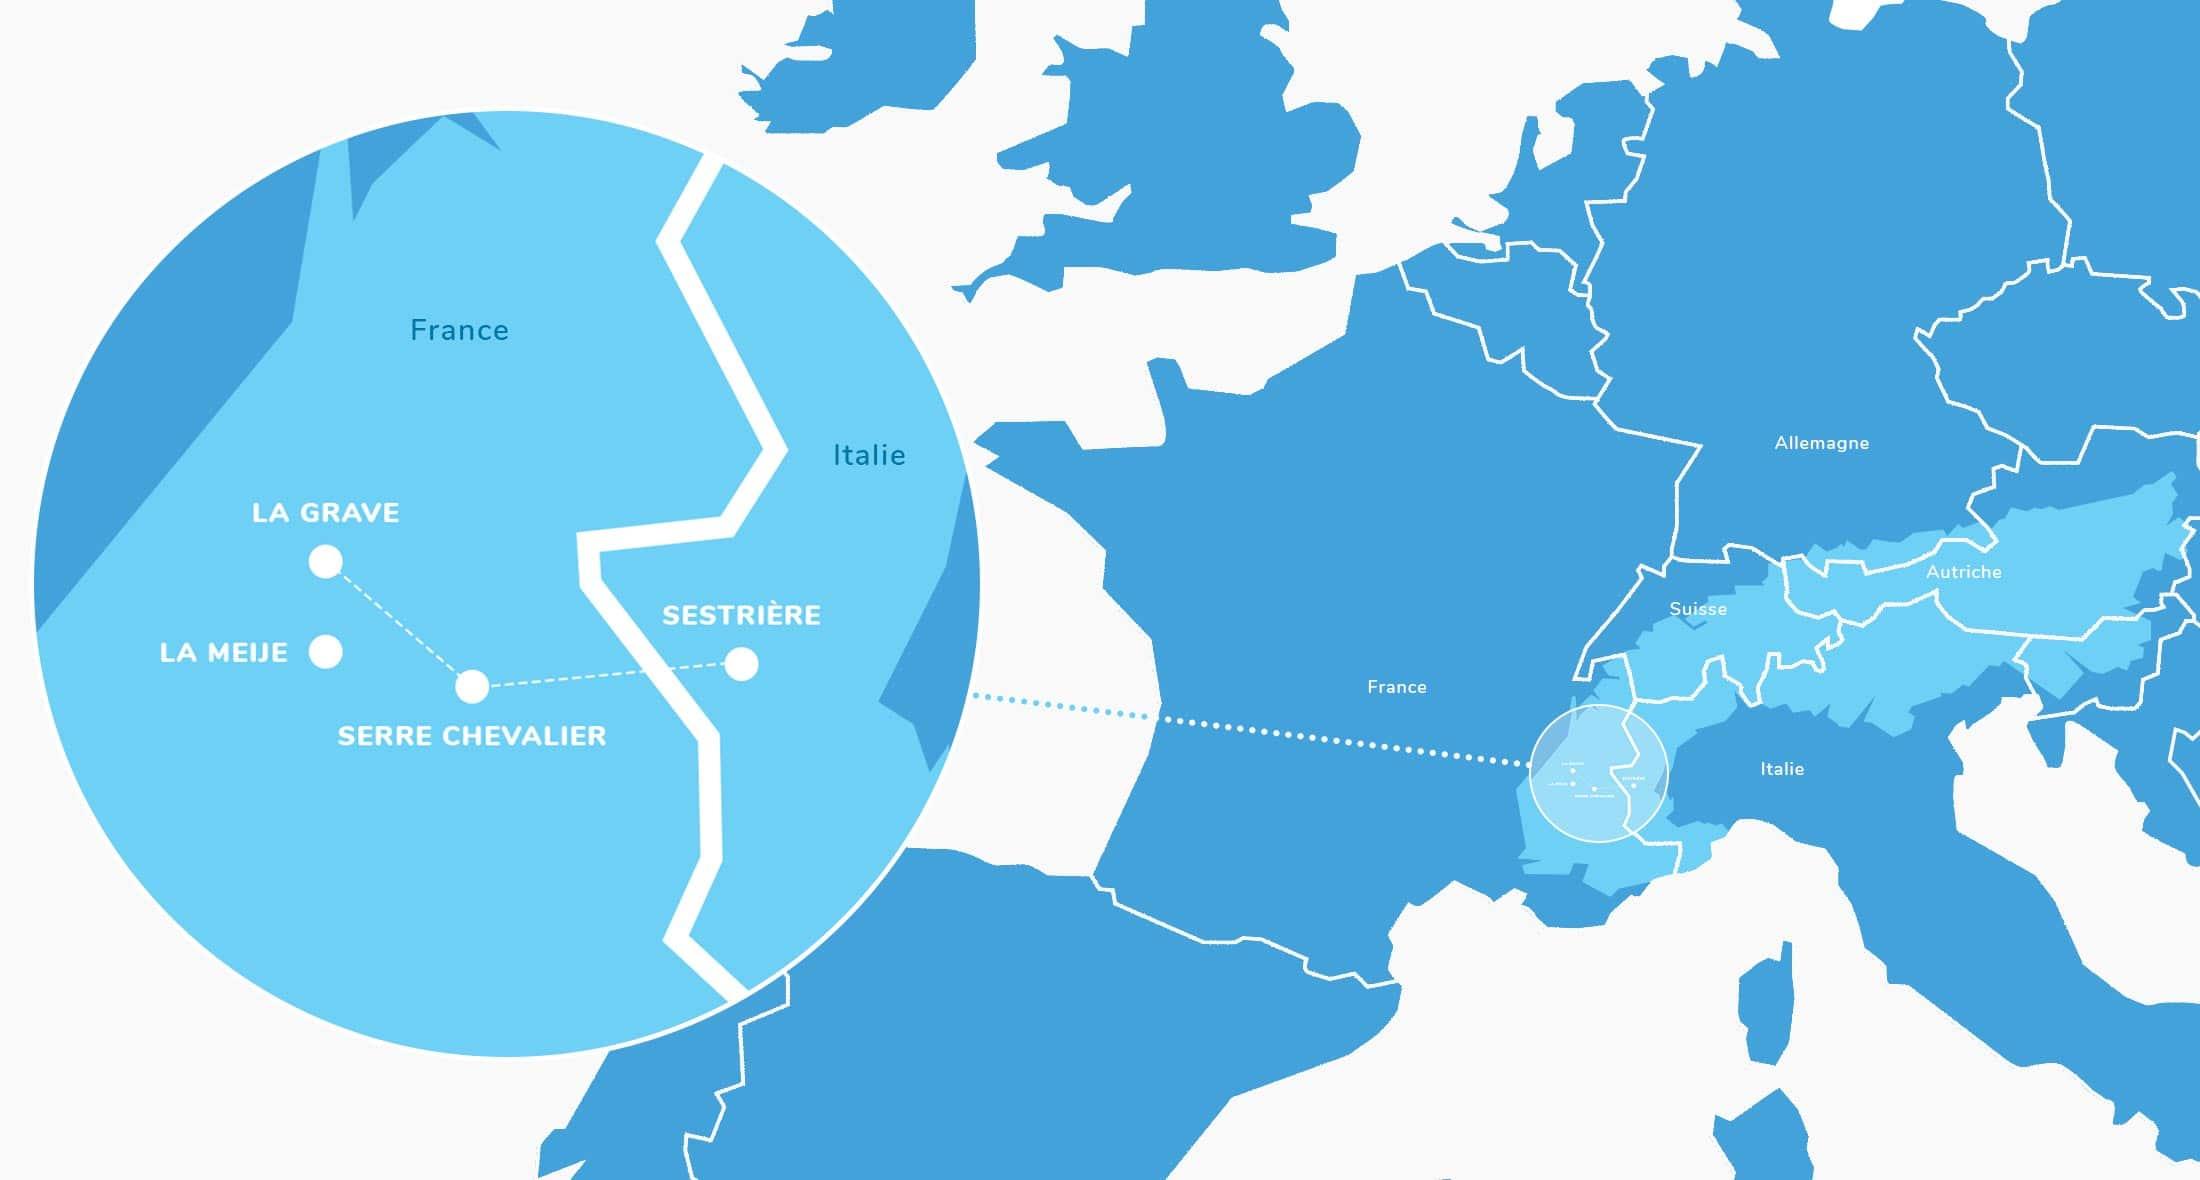 map-lagrave-v12